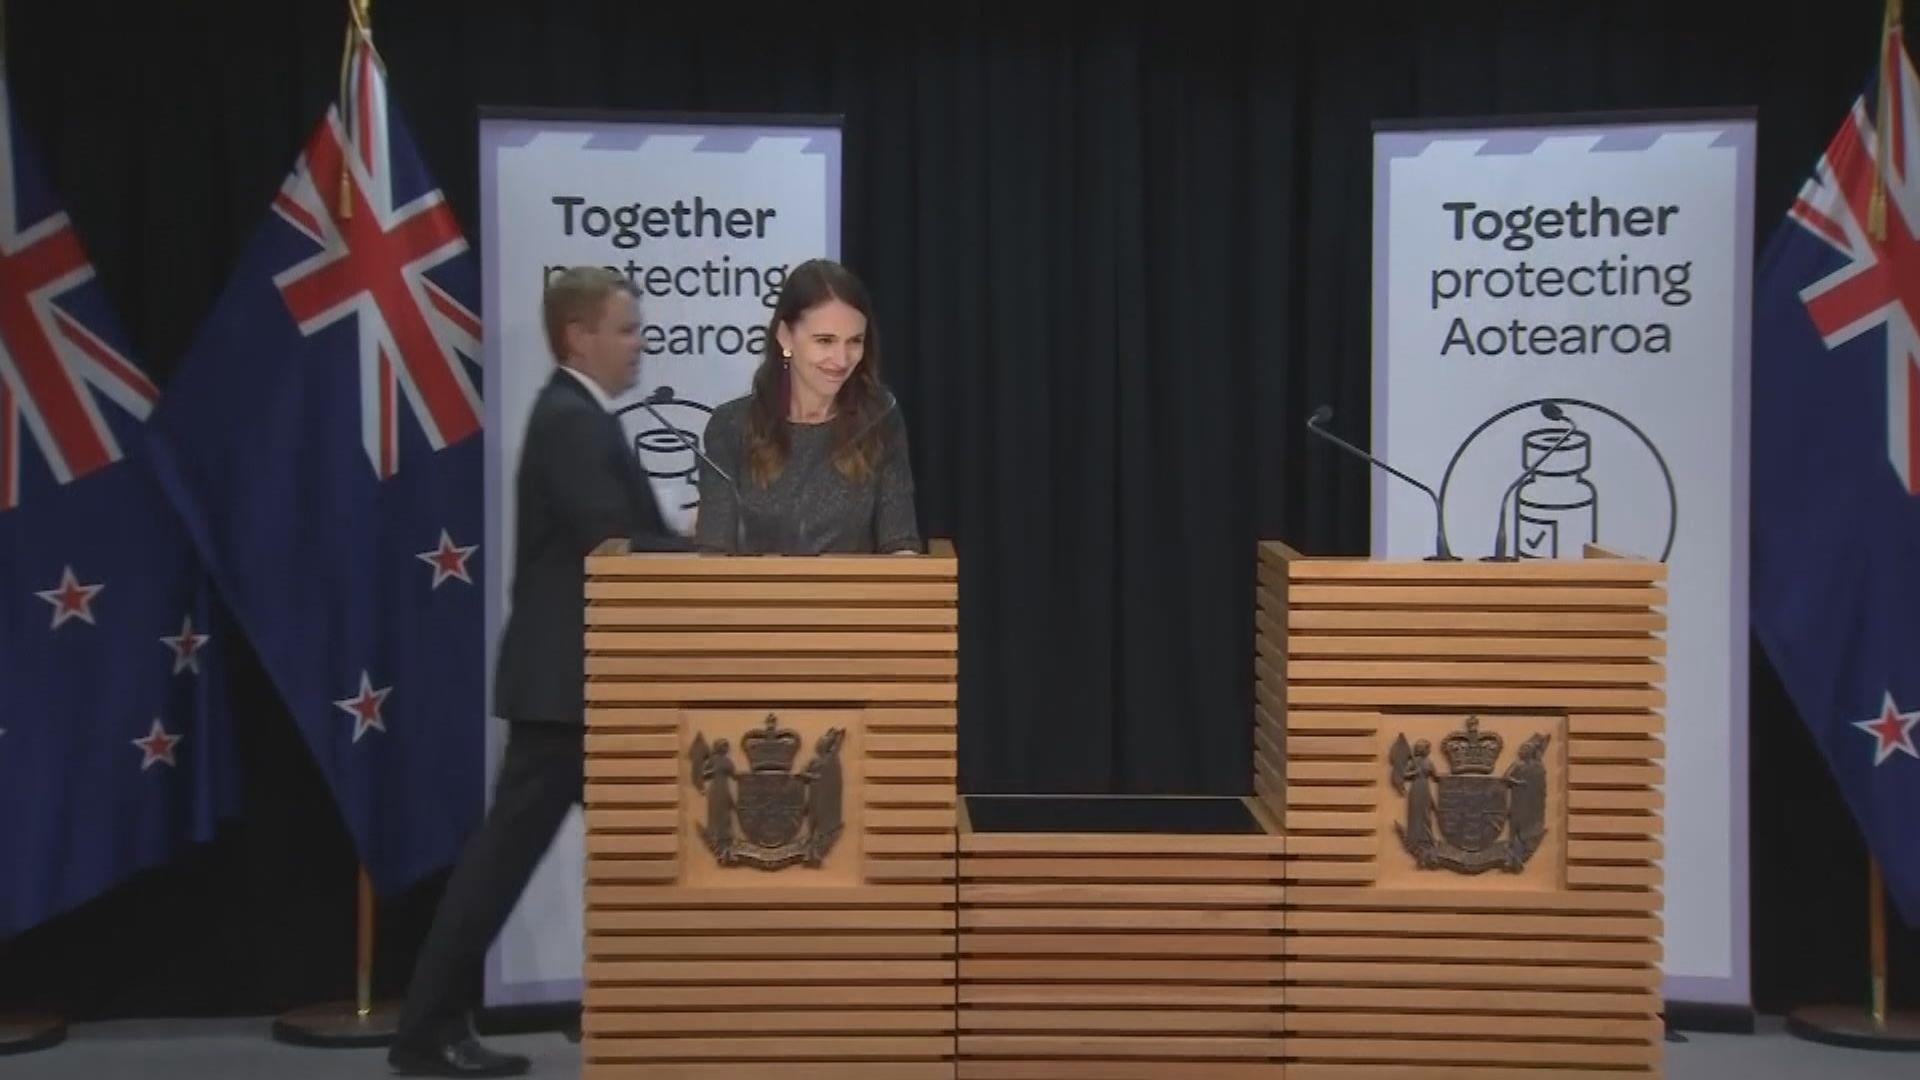 新西蘭與澳洲4月19日開啟旅遊氣泡